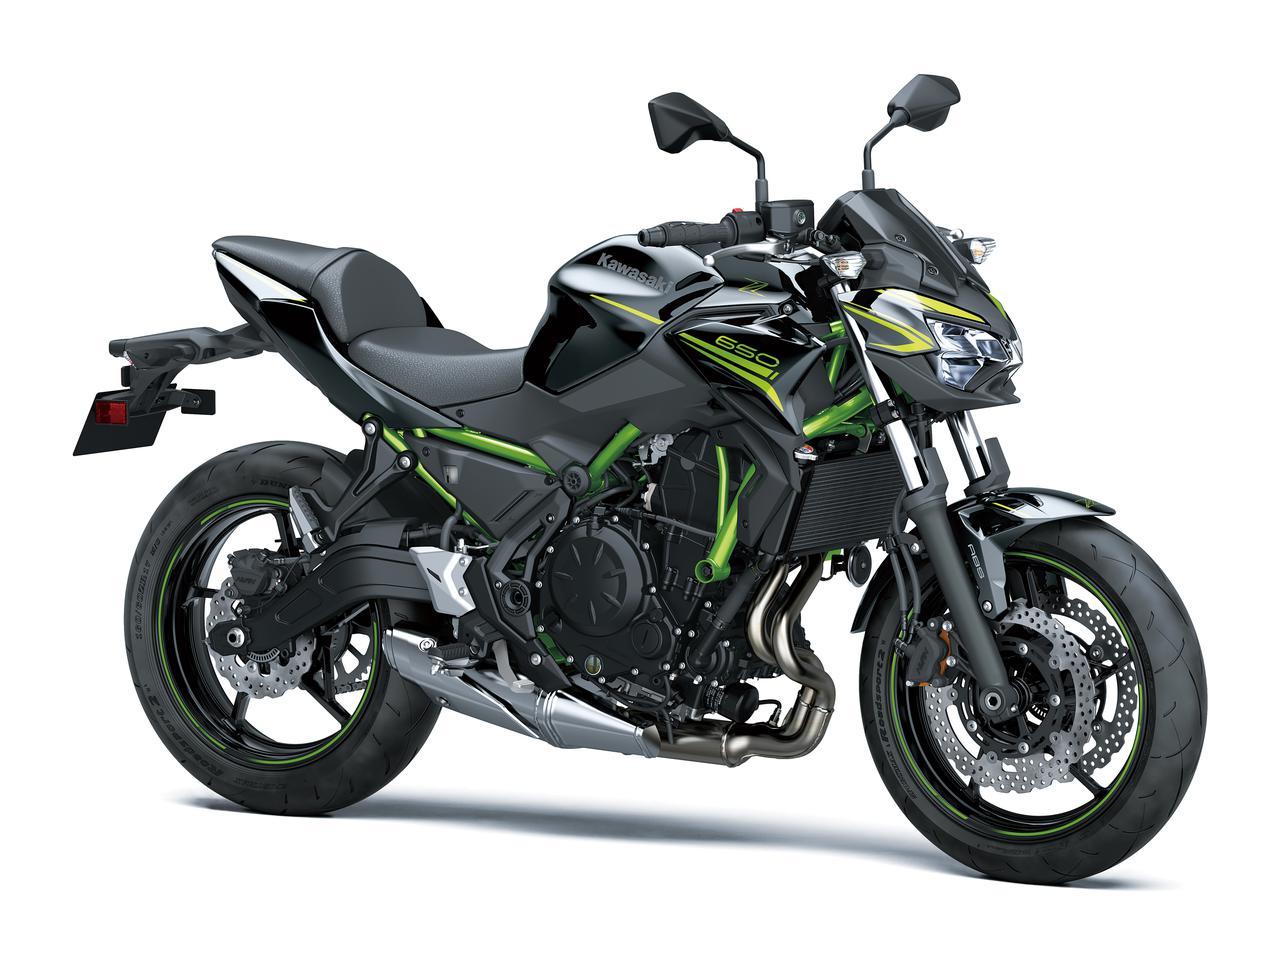 カワサキの新型「Z900」「Z650」は、デザインを「Z H2」のイメージに!? スタイリング紹介の第一報【EICMA 2019速報】